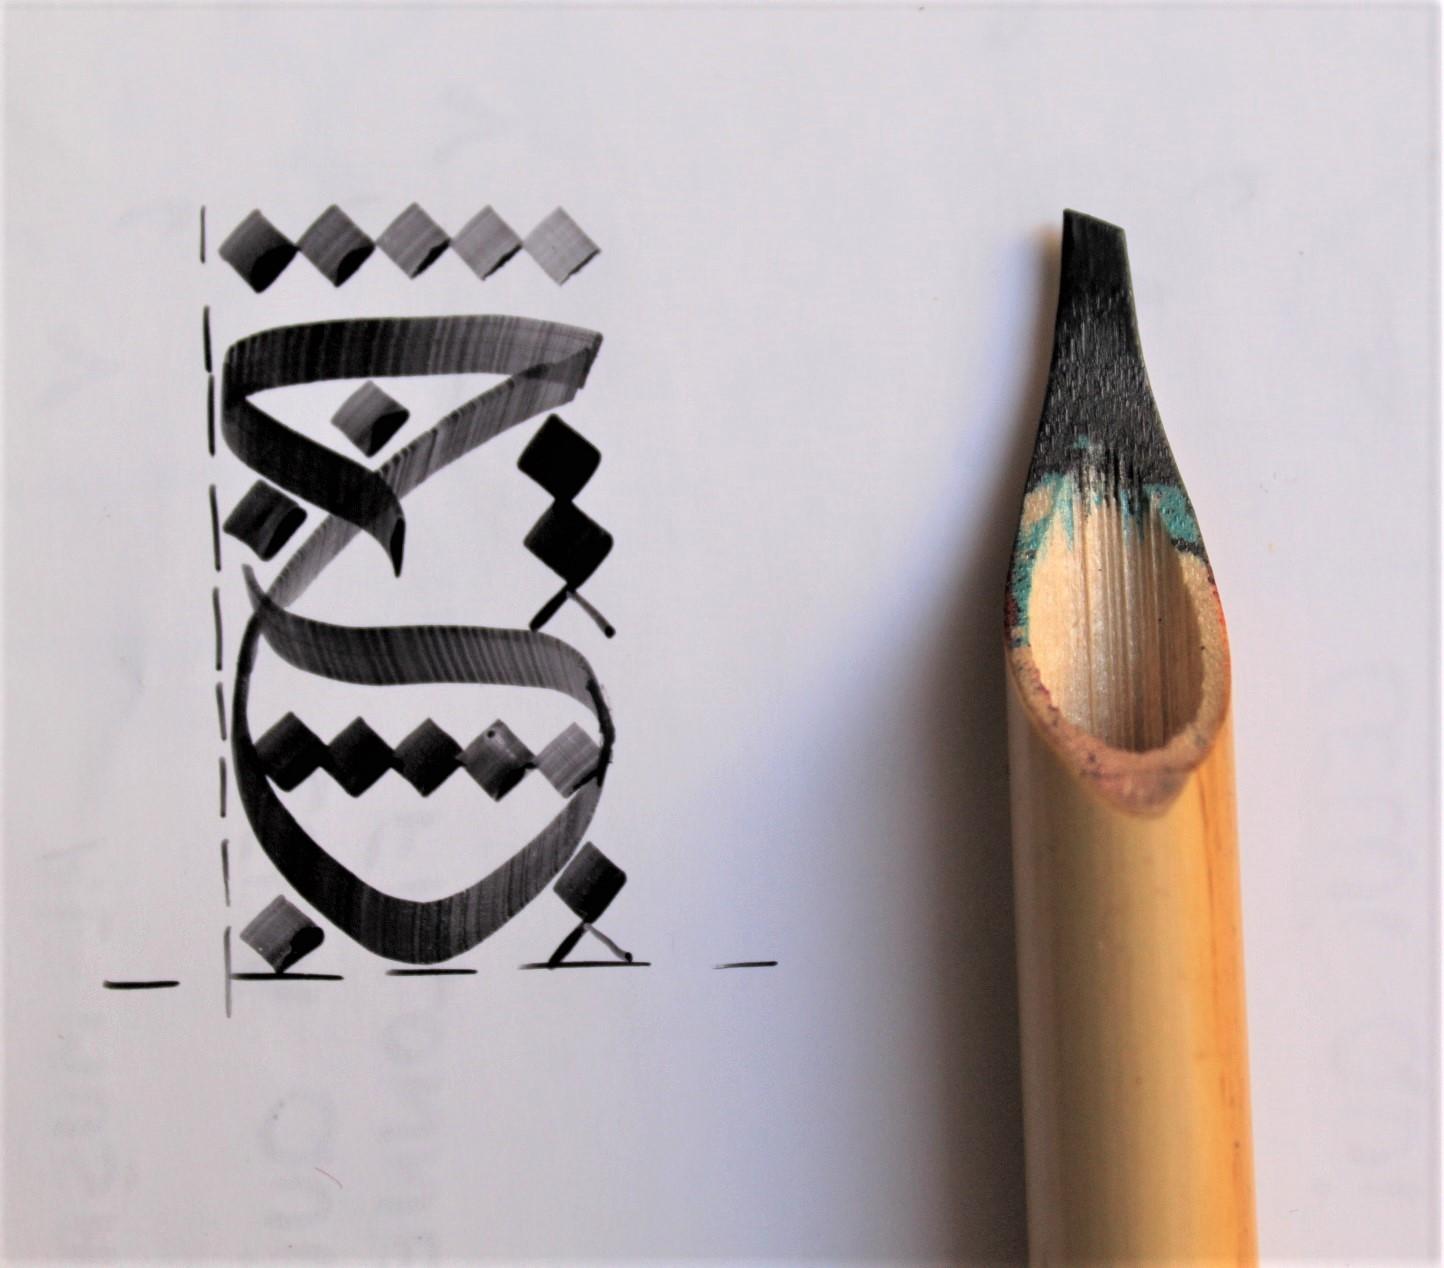 comment écrire en calligraphie arabe